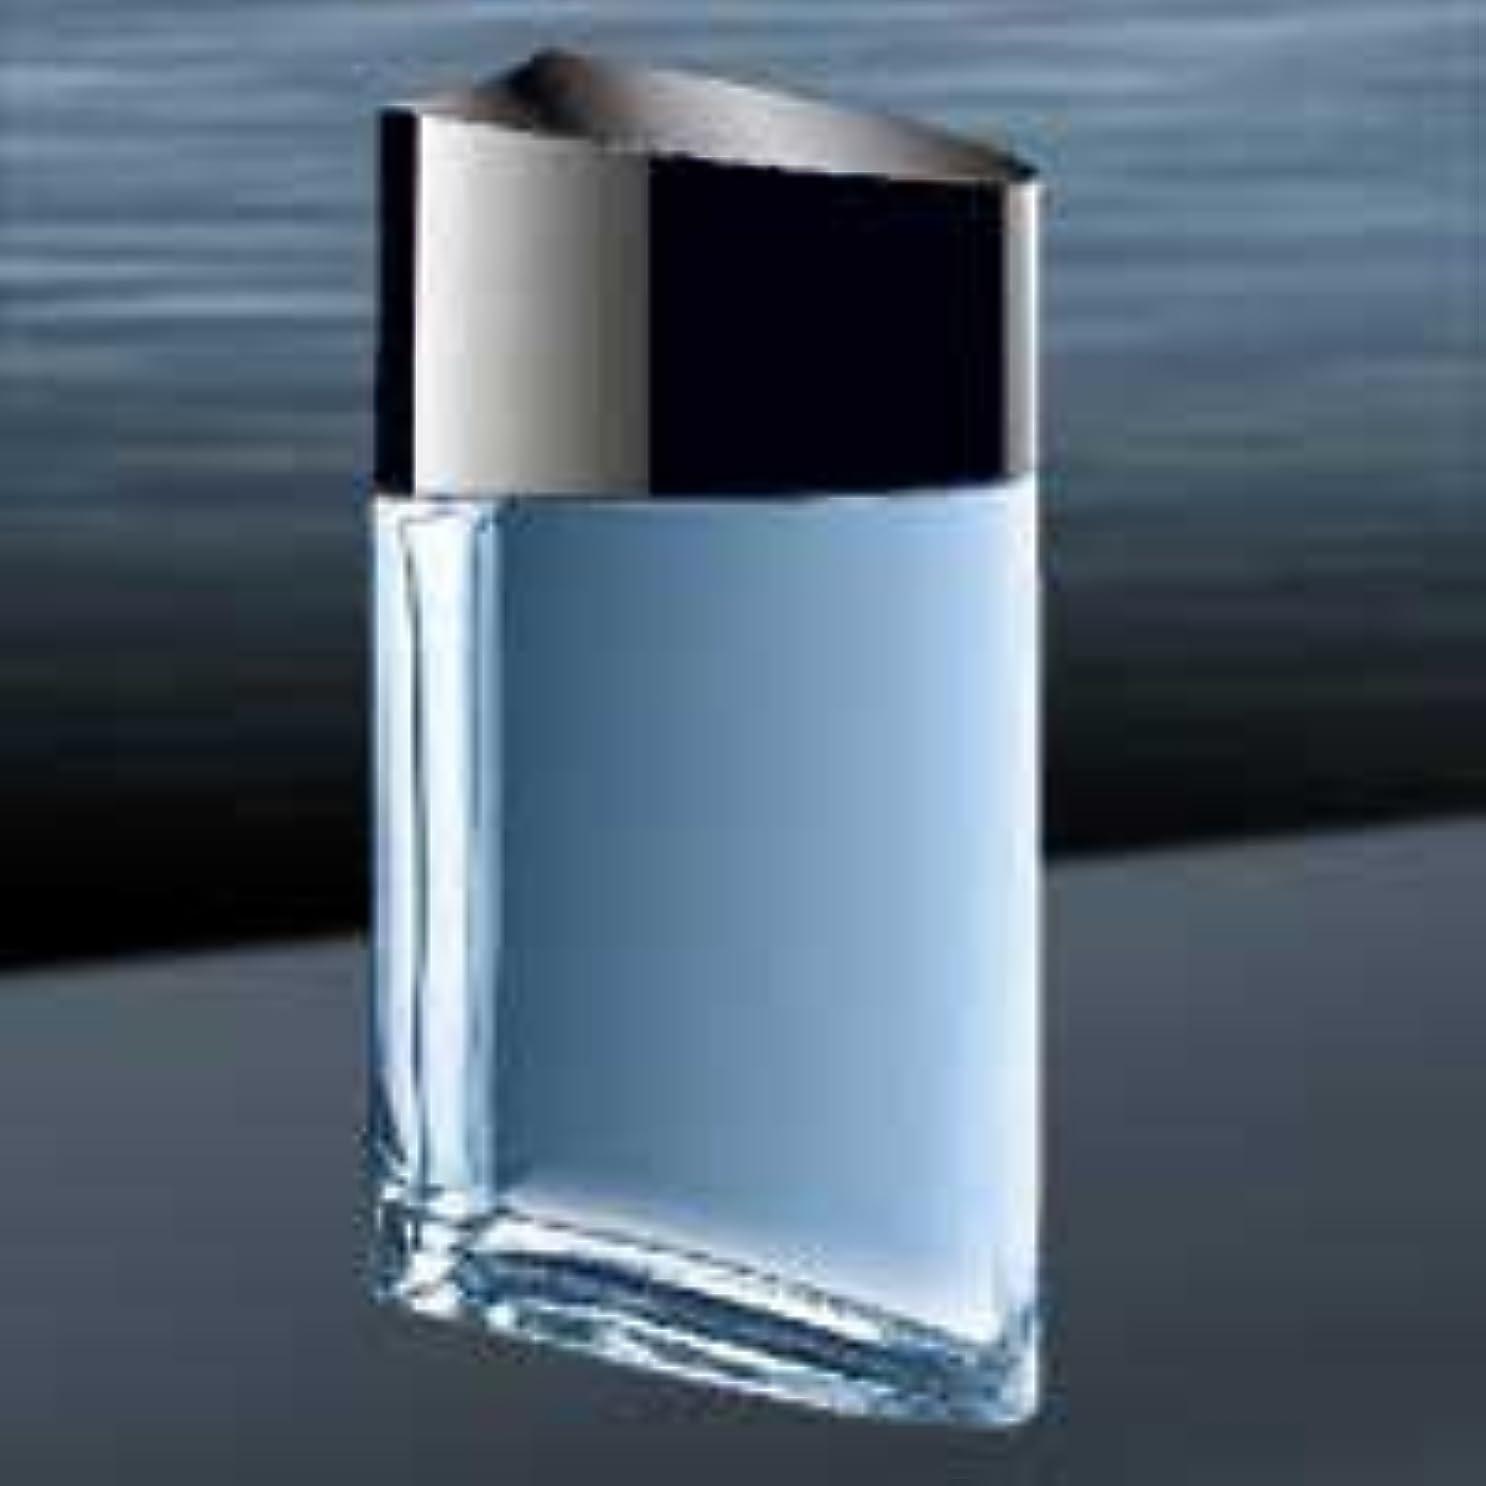 実際征服流産Azzaro Visit(アザロビジット) 3.4 oz (100ml) EDT Spray by Loris Azzaro for Men